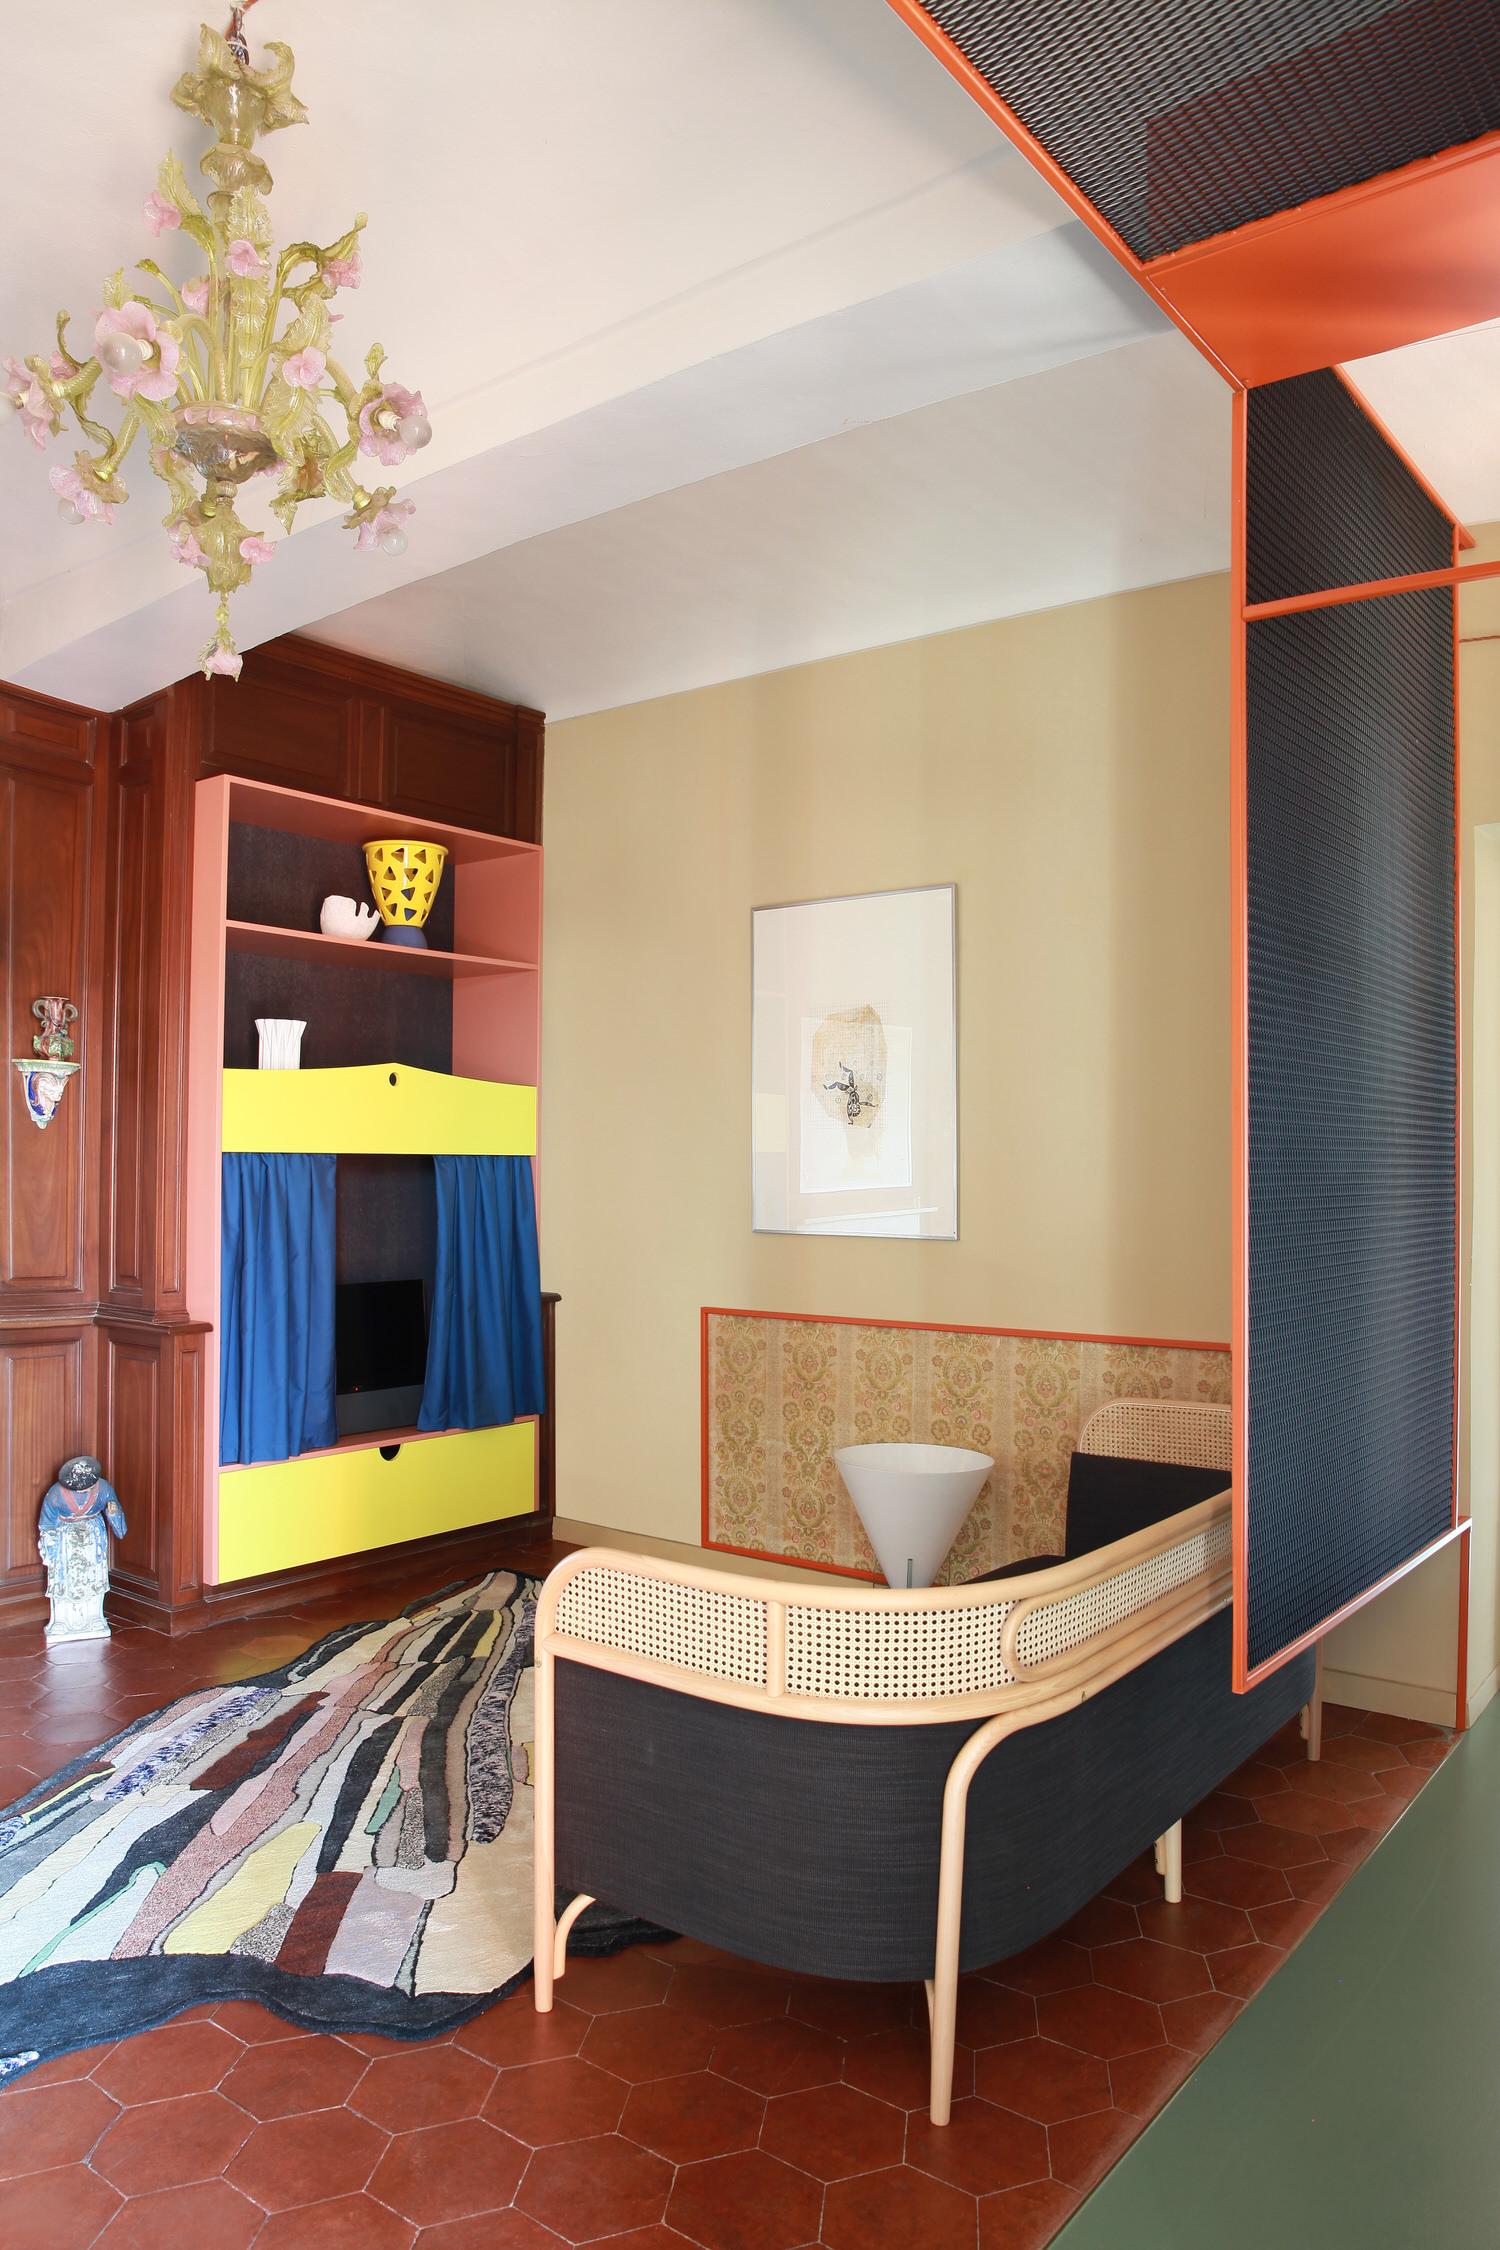 Marcante Testa Private House Renovation Cavallermaggiore Photo Carola Ripamonti Yellowtrace 13